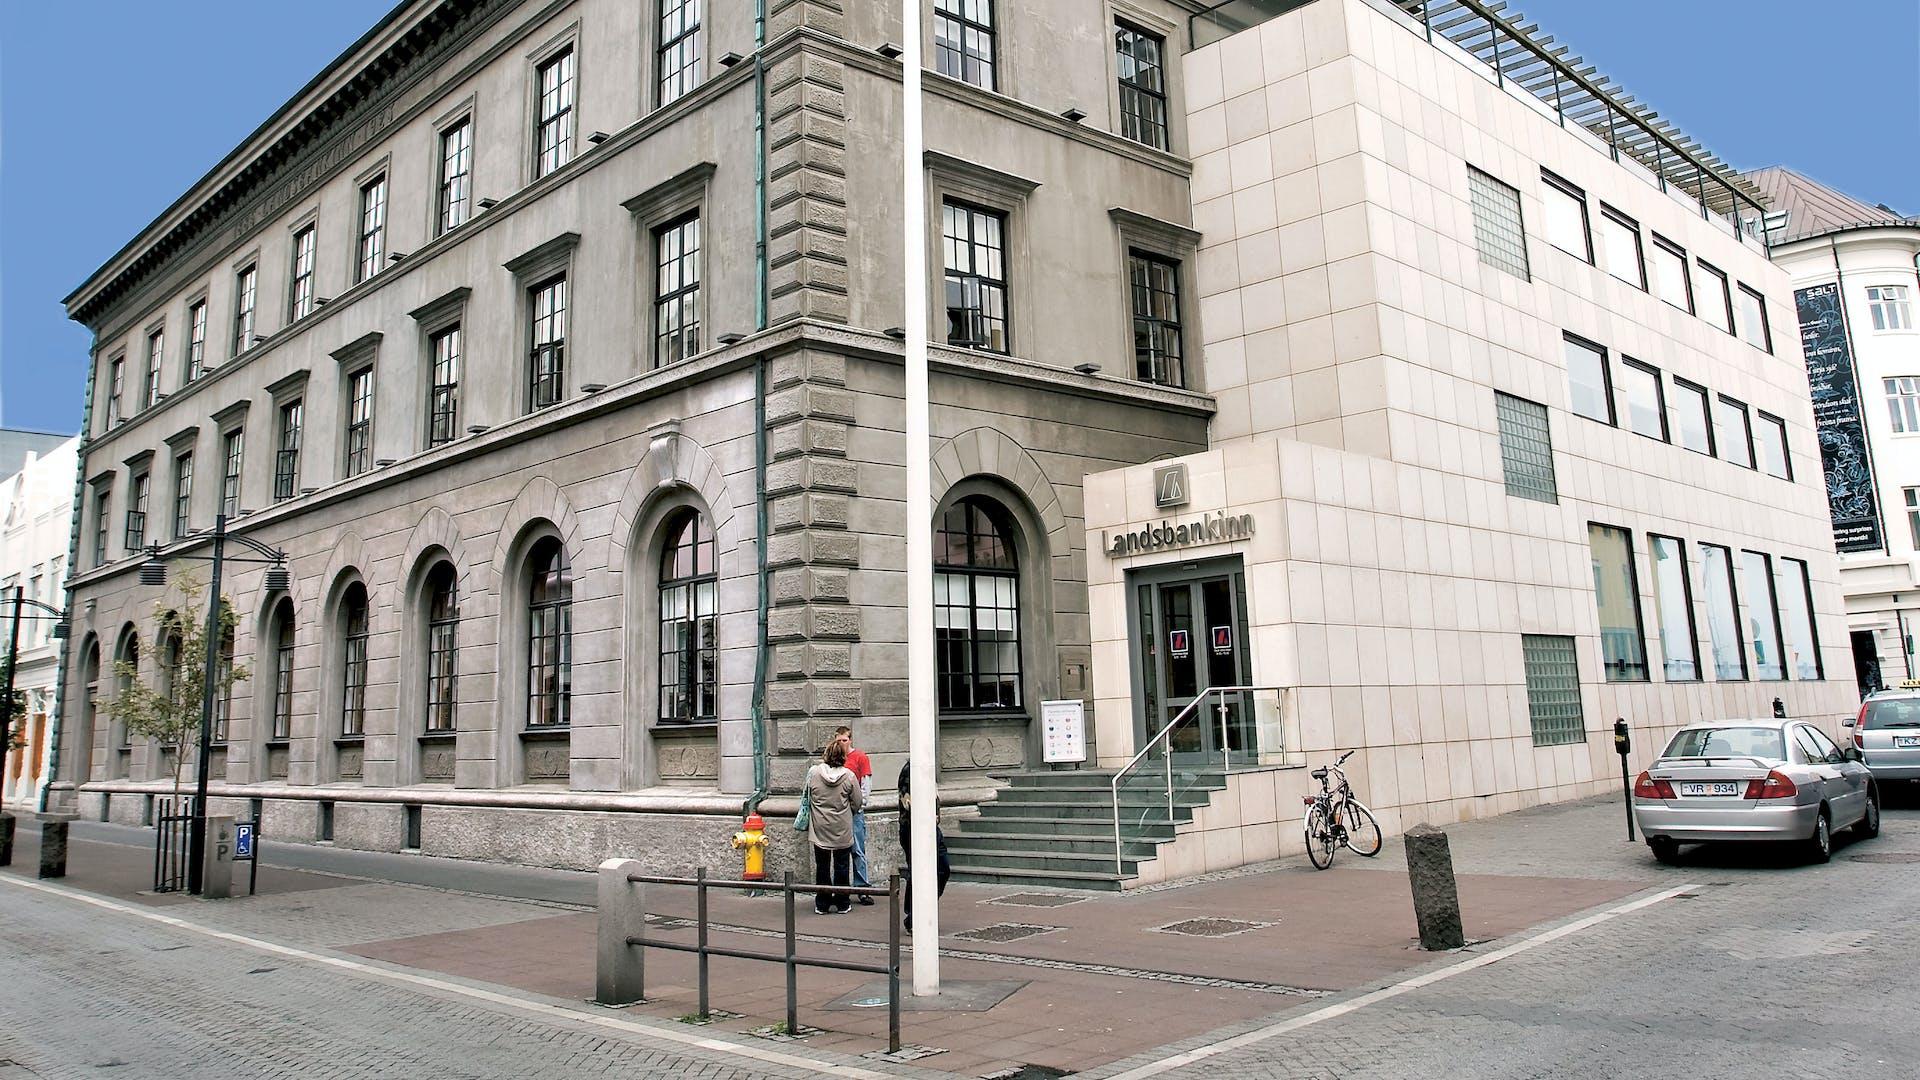 Höfuðstöðvar Landsbankans Austurstræti 11